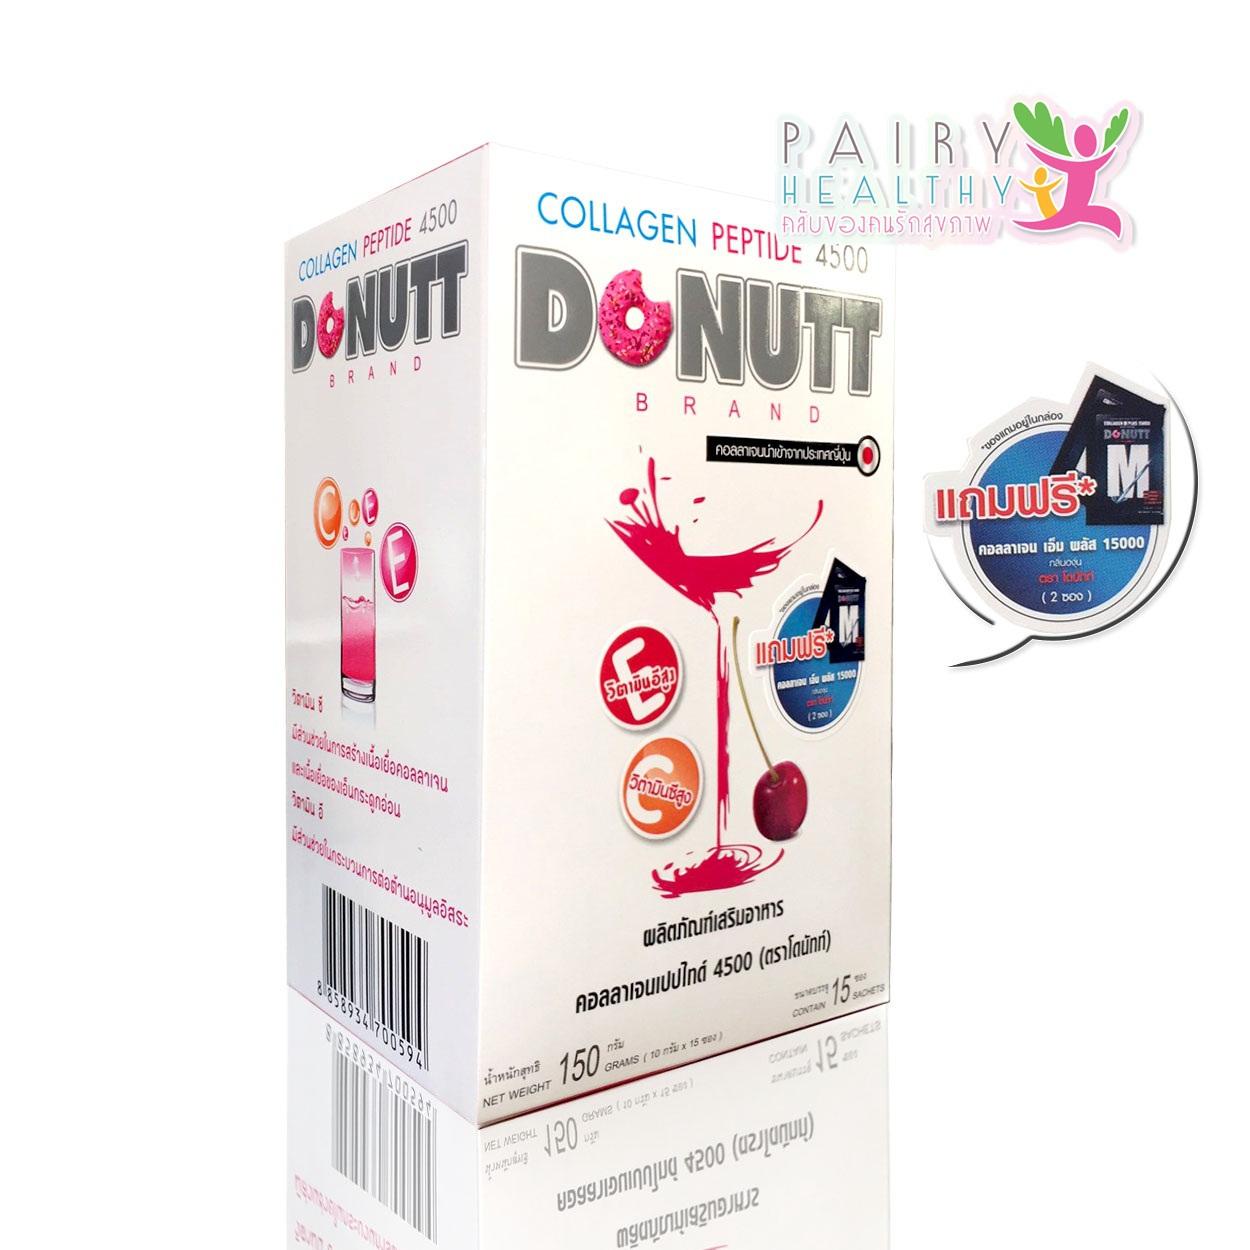 โดนัทคอลลาเจนเปปไทด์ 4500 mg. 15 ซอง แถม คอลลาเจน เอ็ม พลัส 2 ซอง 190 บาท ส่งฟรี ลทบ.